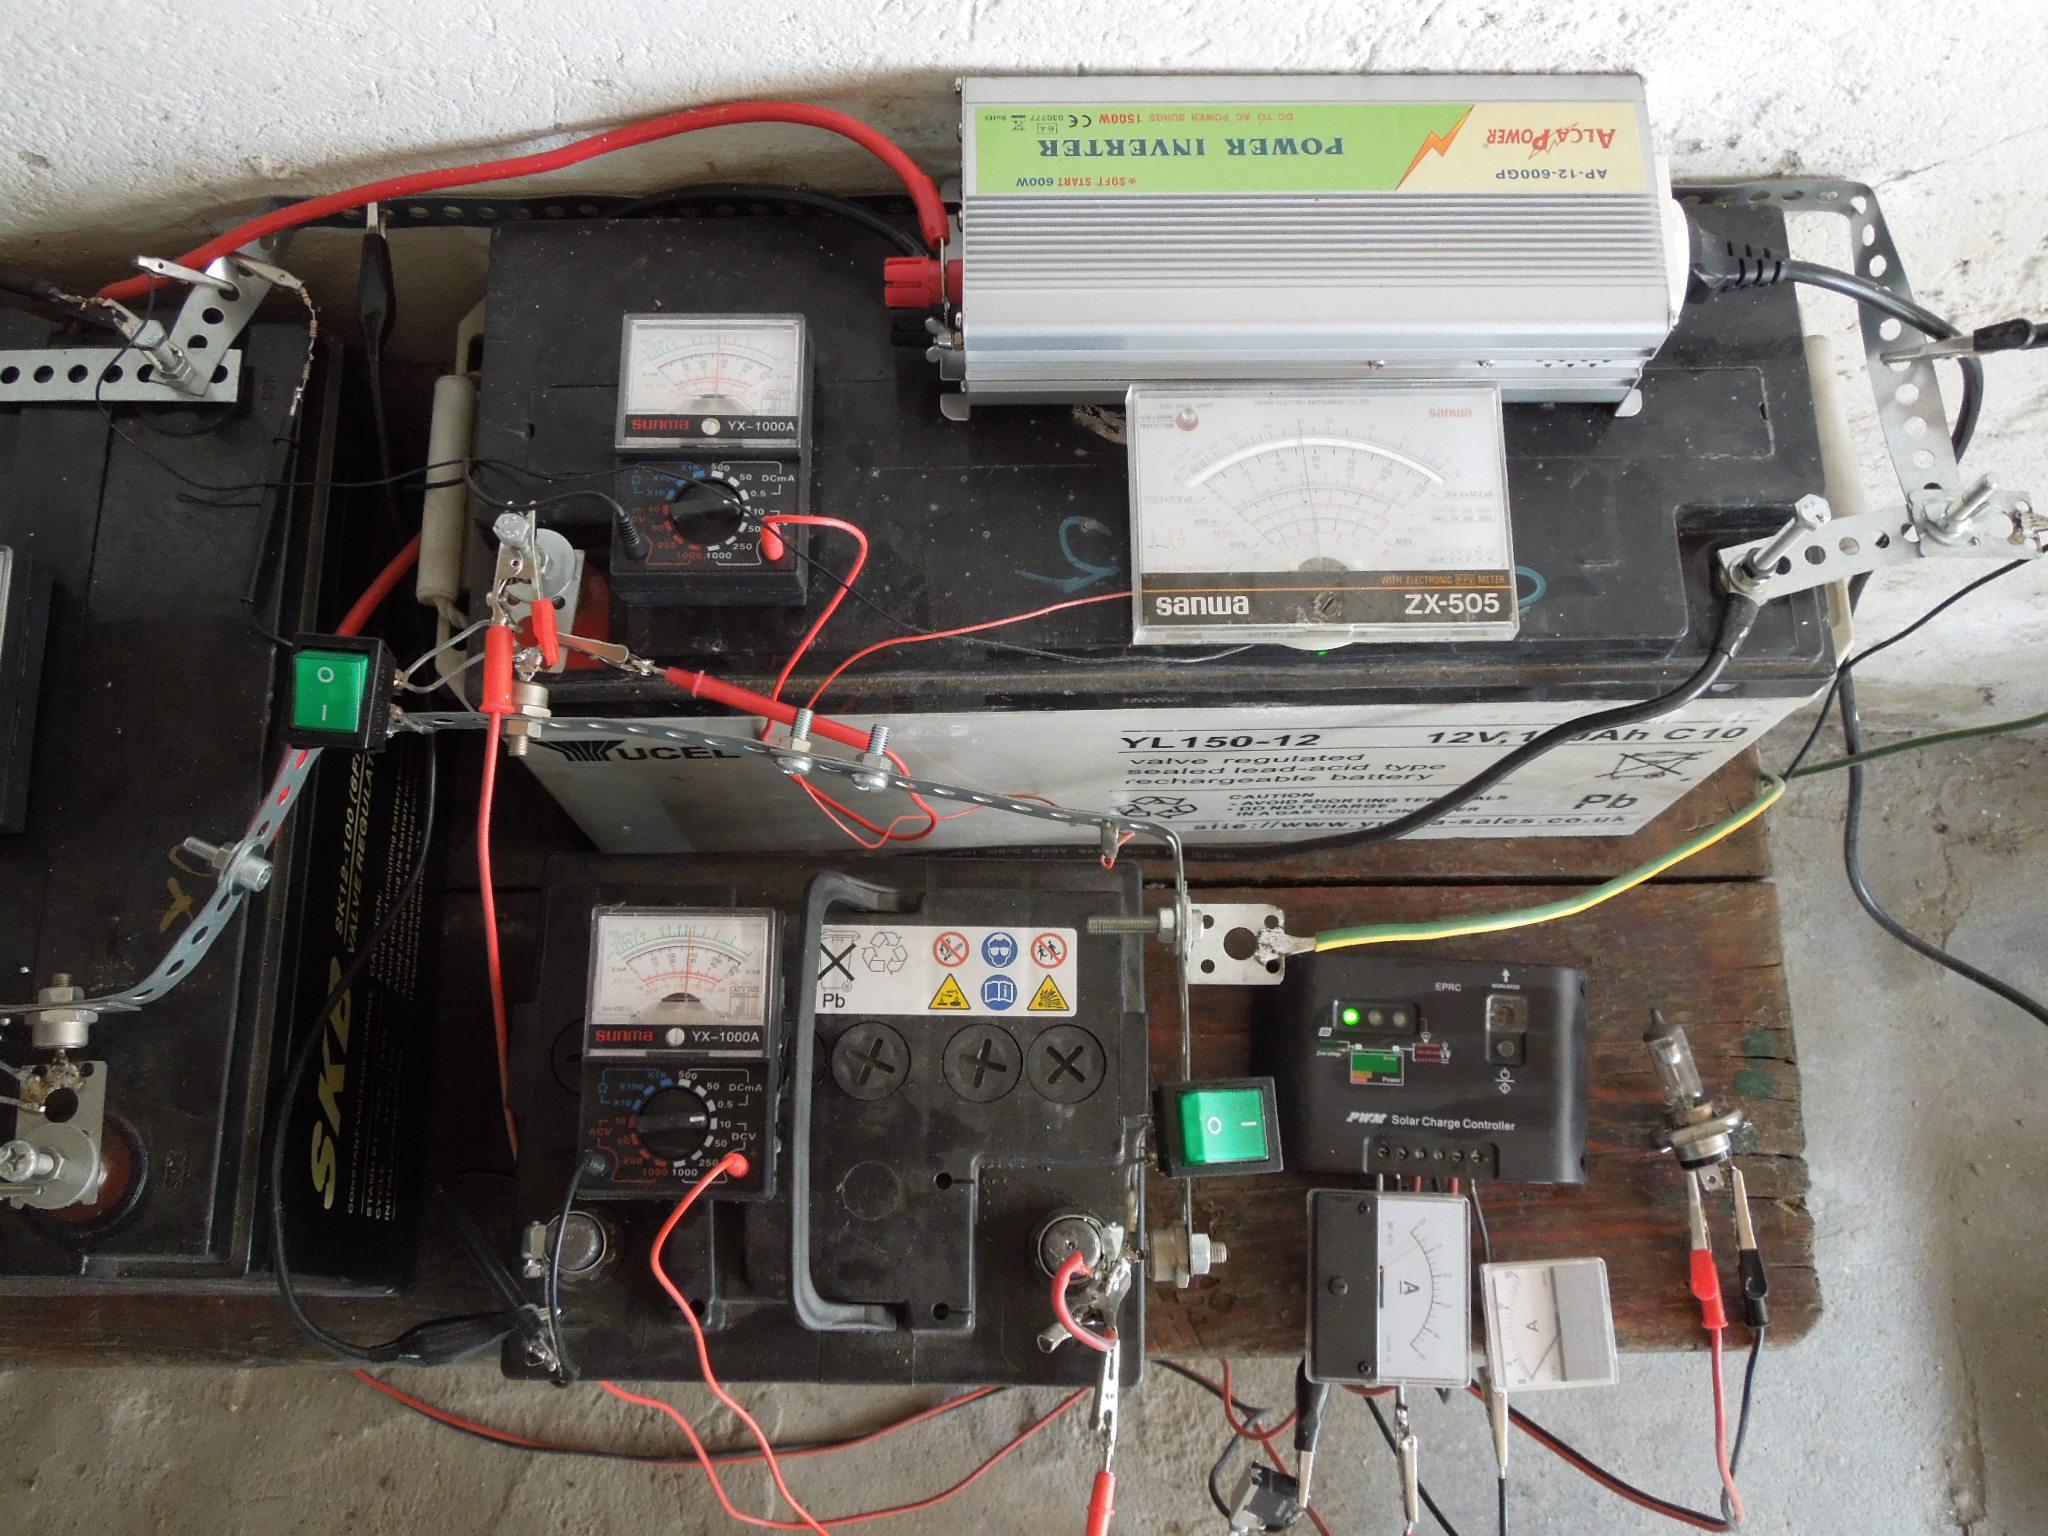 Pannello Solare Per Caricare Batteria Auto : Impianto a pannelli solari e batterie